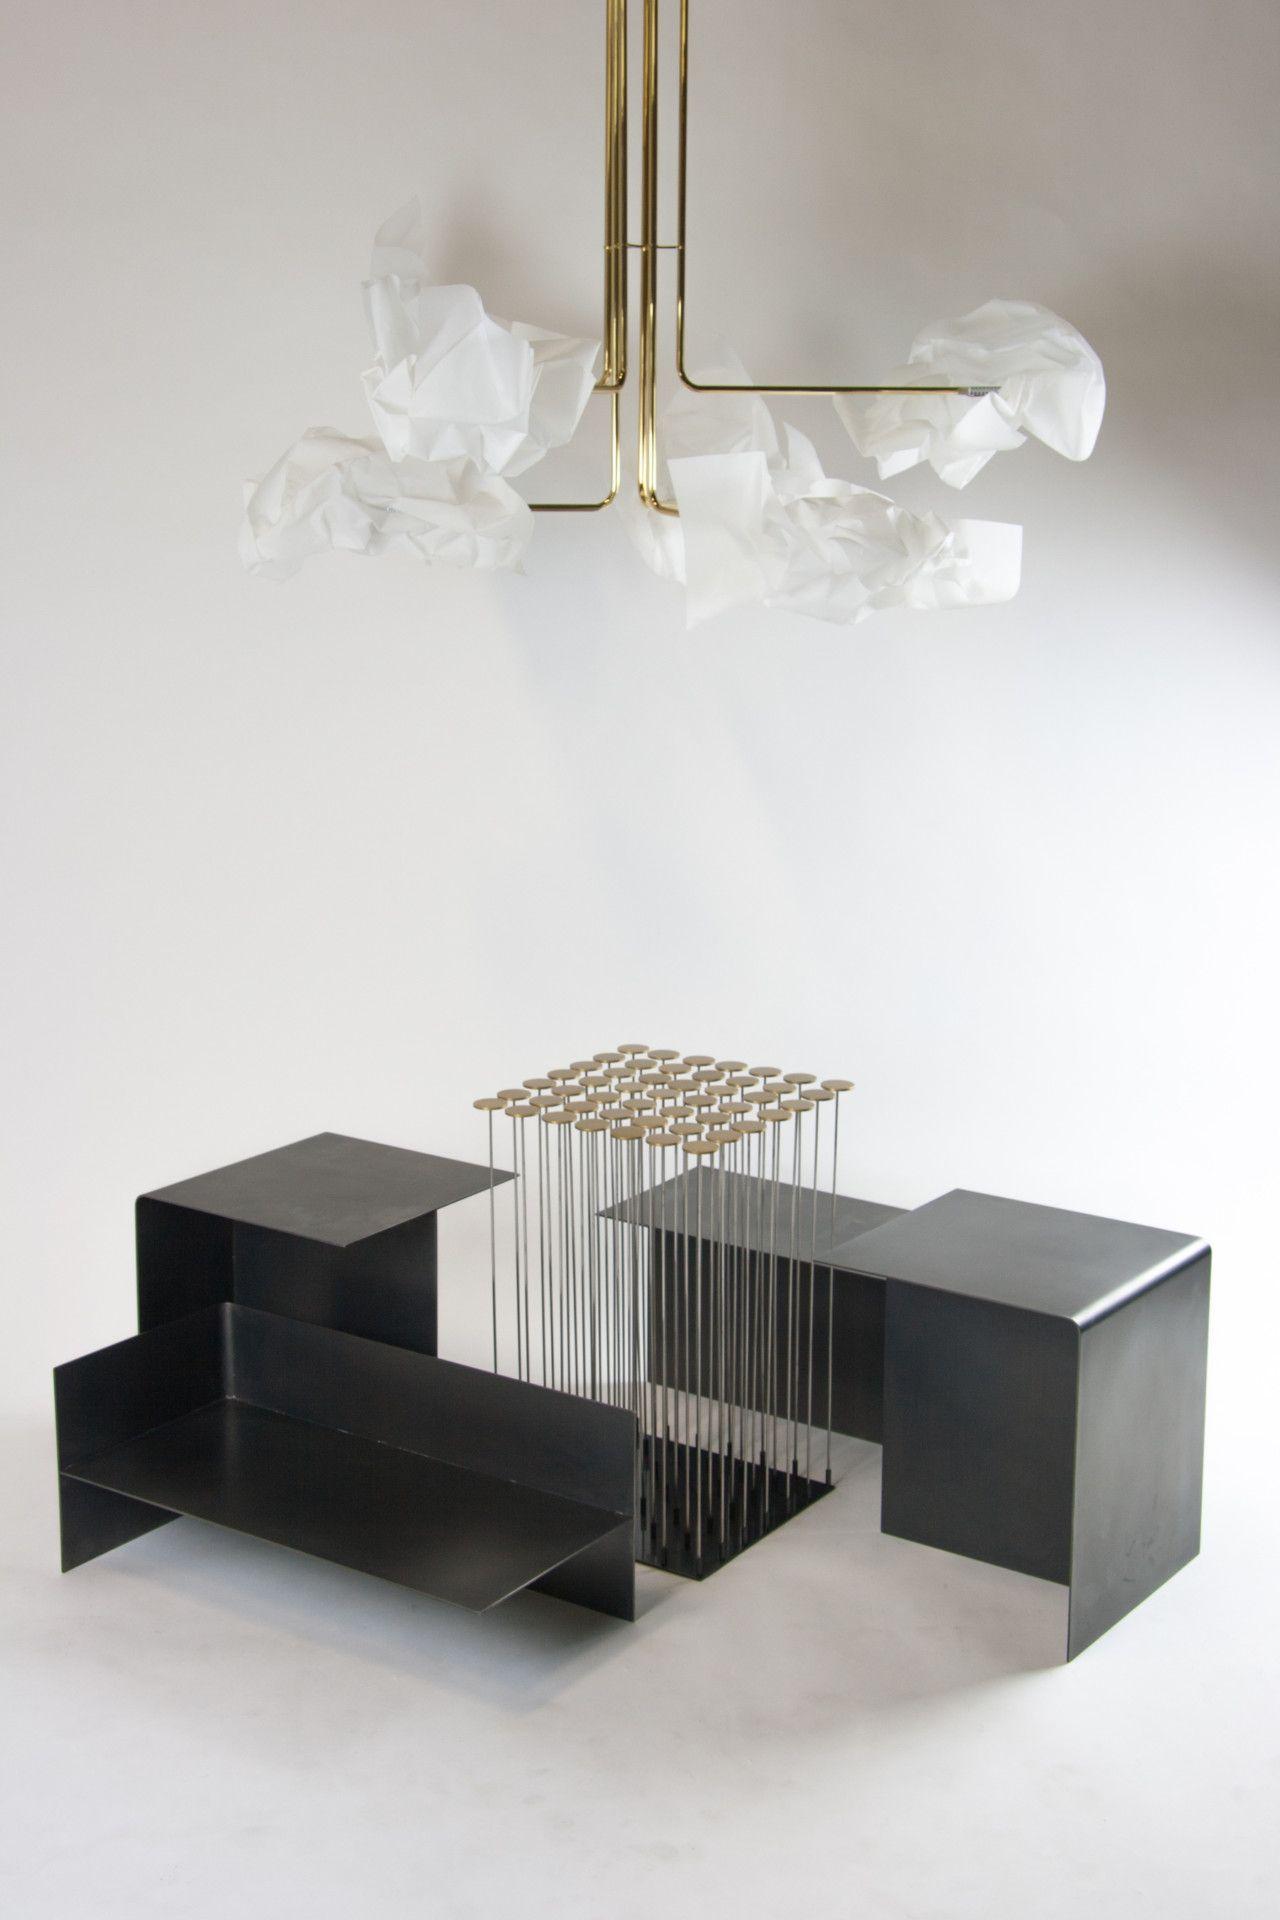 0da5f0a1fcbc9b96a4b35f79885d61af Incroyable De Table Basse En Verre Design Haut De Gamme Conception